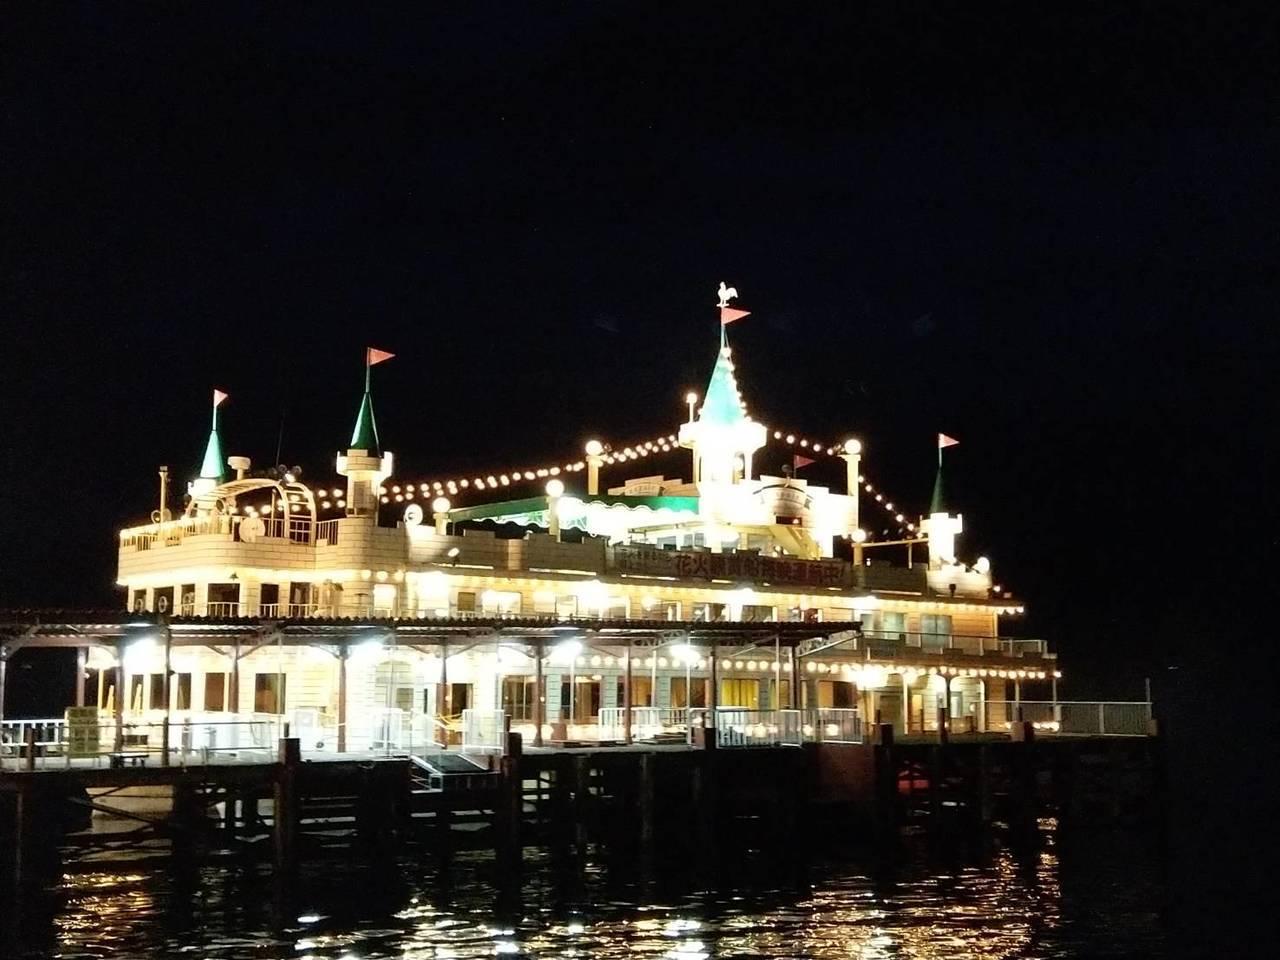 旅客可搭乘城堡造型的遊船,到洞爺湖心就近看花火,視聽效果更棒。記者張錦弘/攝影